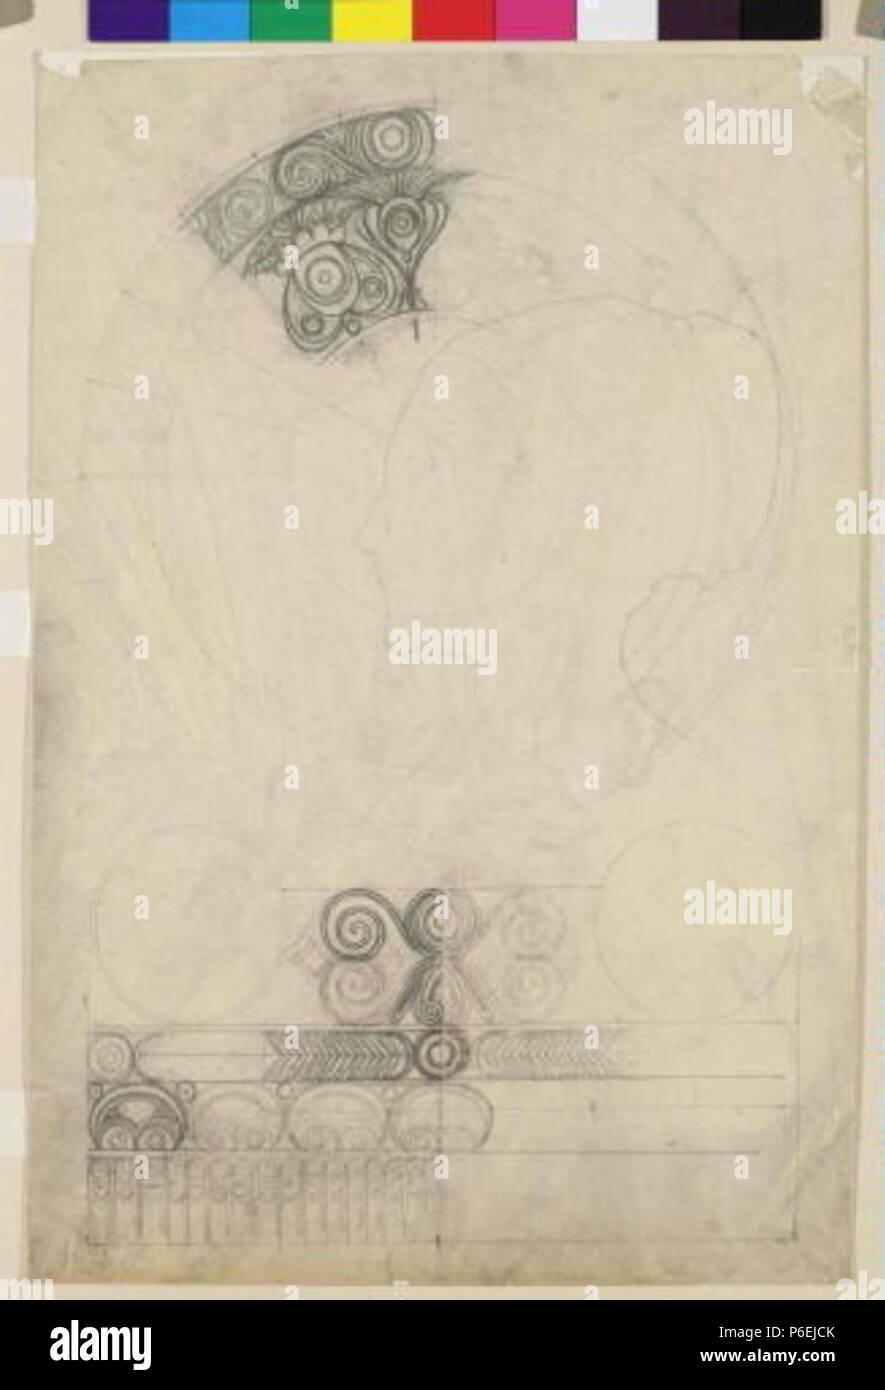 . Eština: Studie k dekorativnímu panneau Chardon de Greves circa 1901 6 Autor Alfons Mucha 24.7.1860-14.7.1939 - Studie k dekorativnimu panneau Chardon de Greves Foto Stock